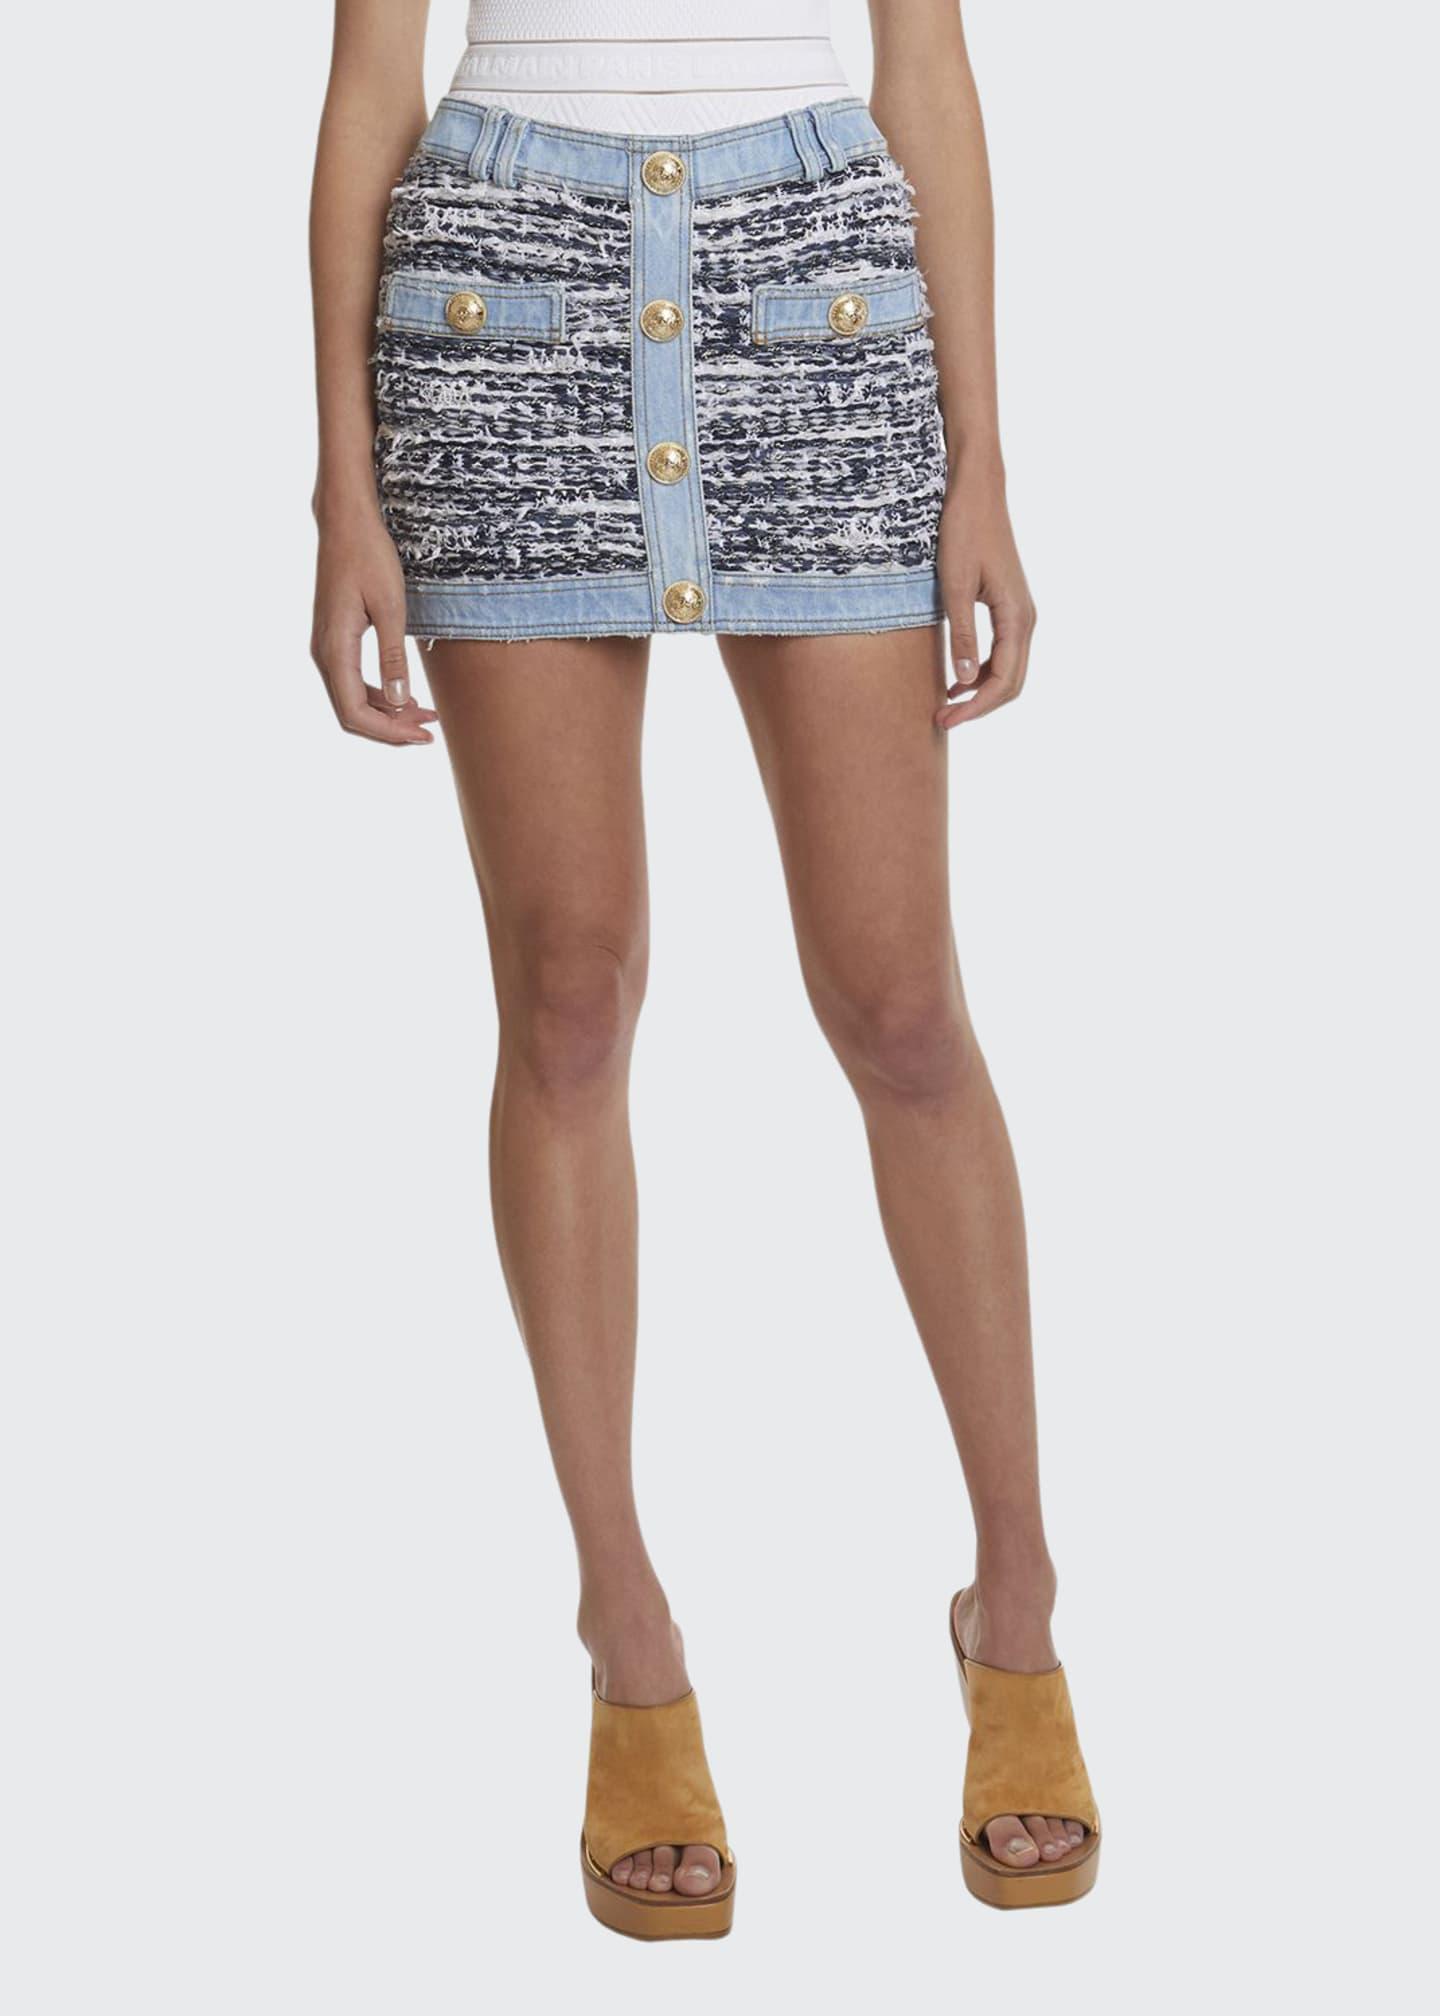 Balmain Low-Rise Tweed Denim Skirt